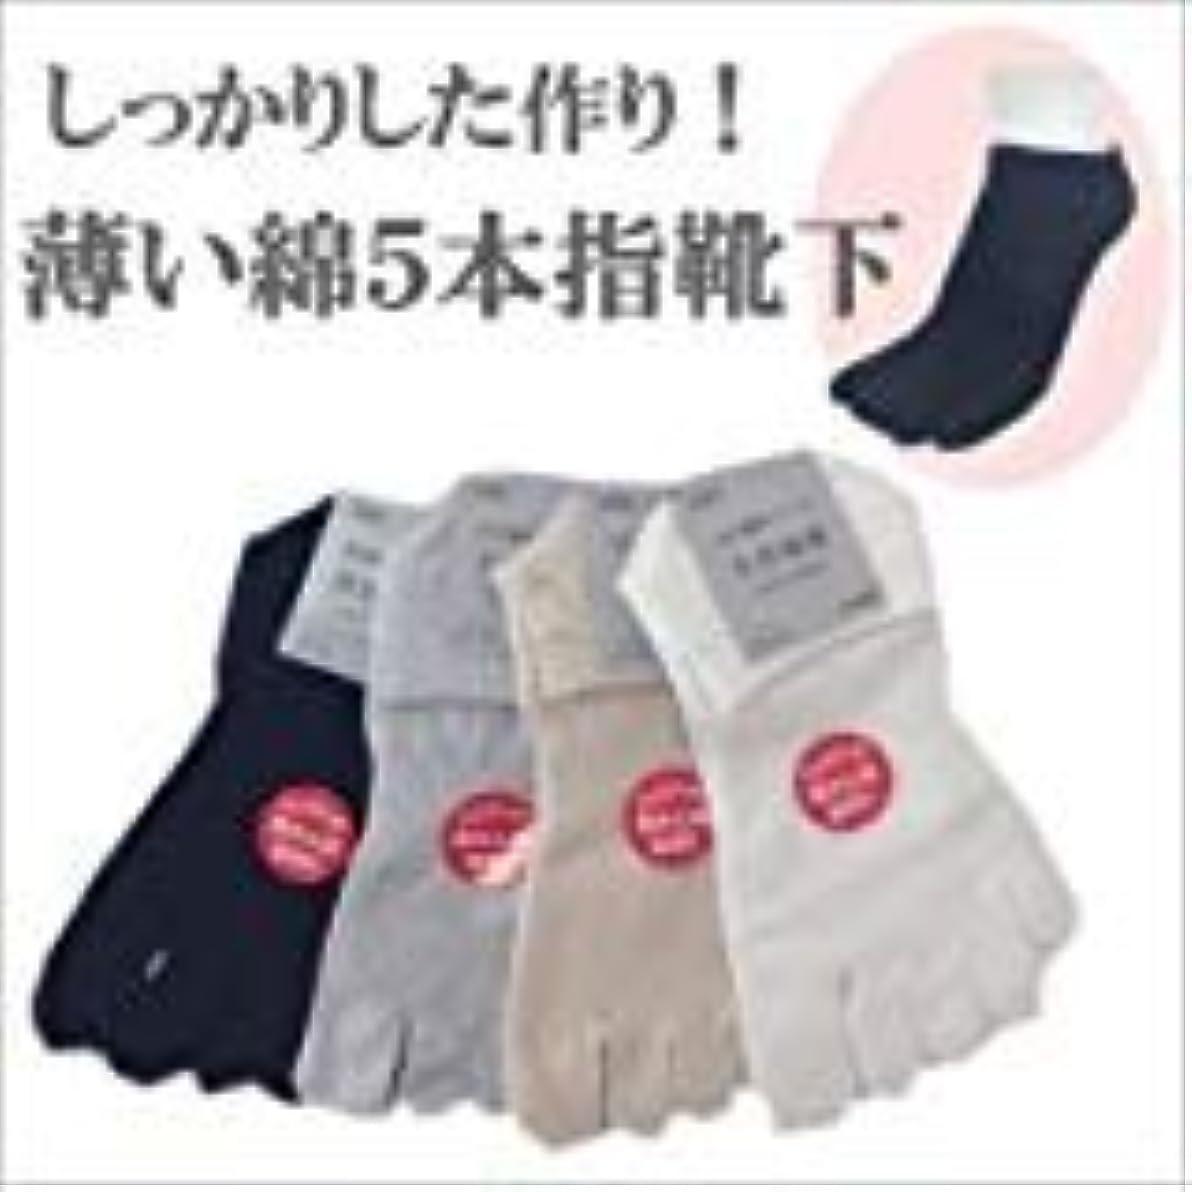 近代化優れたコピー薄手 ショート丈 綿 5本指靴下 23-25cm 太陽ニット 337(オフホワイト)